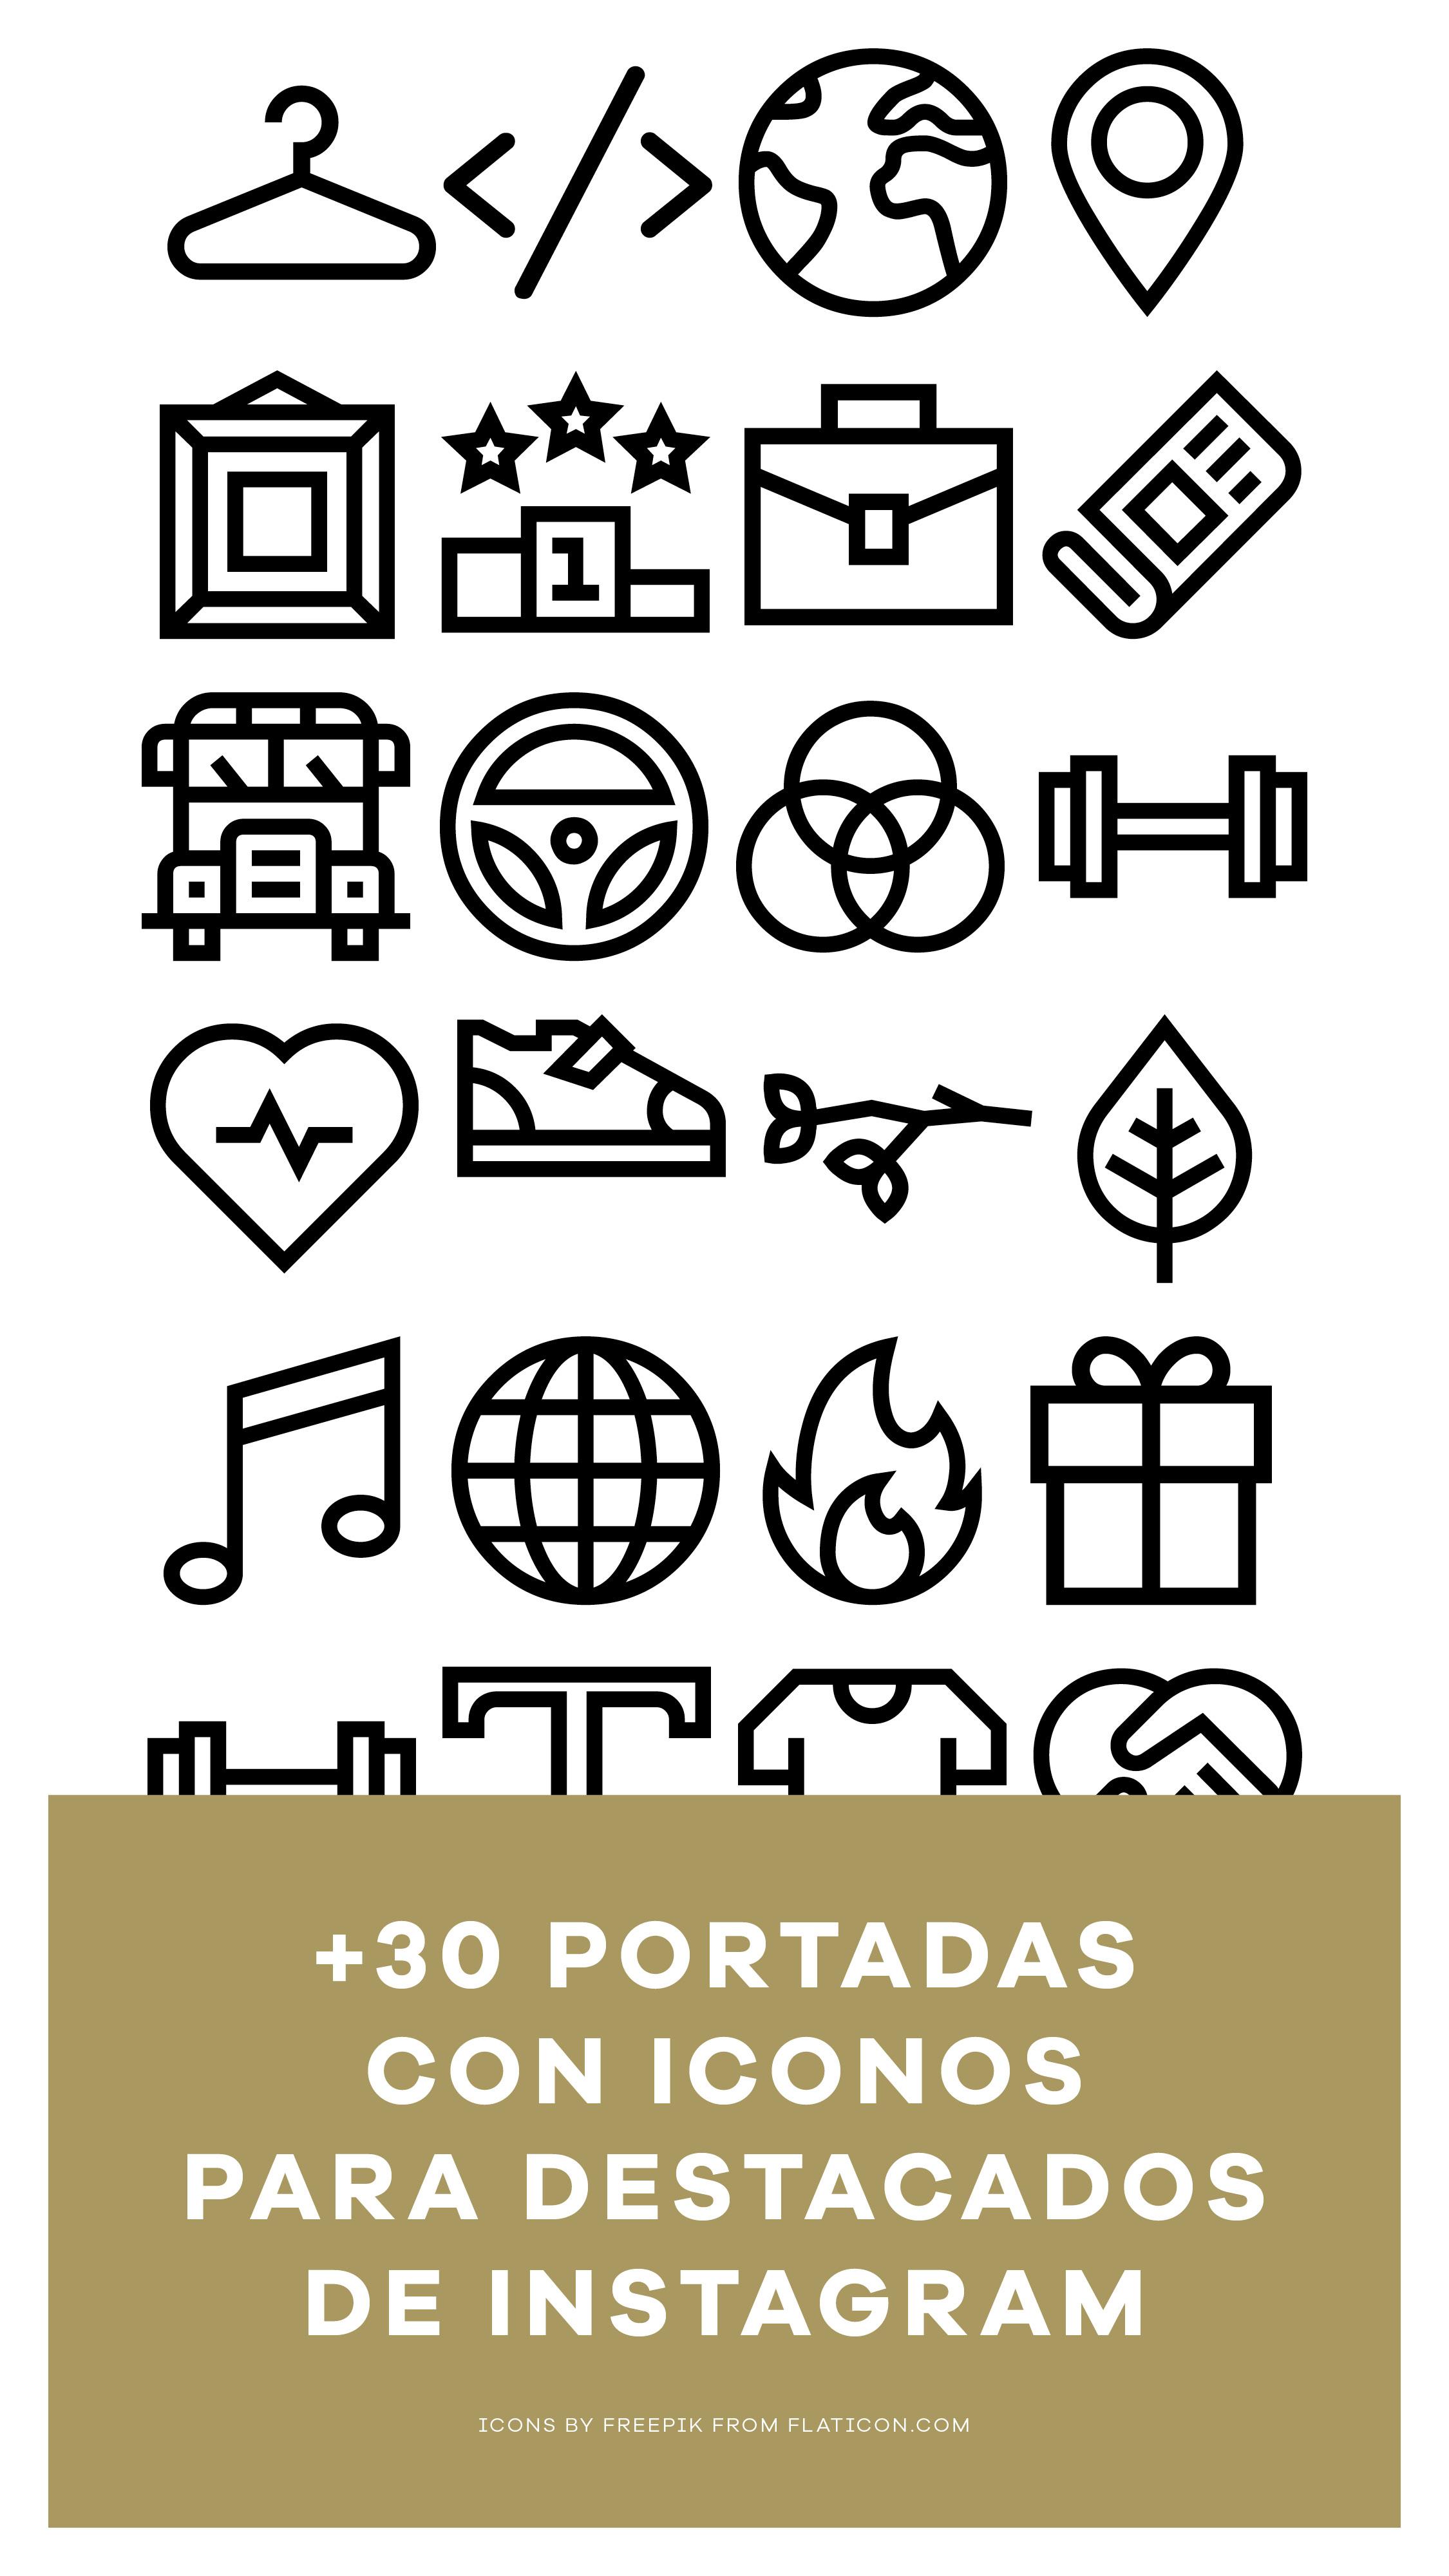 Anatomia De Las Letras Tipografia. Affordable Anatomia De Las Letras ...